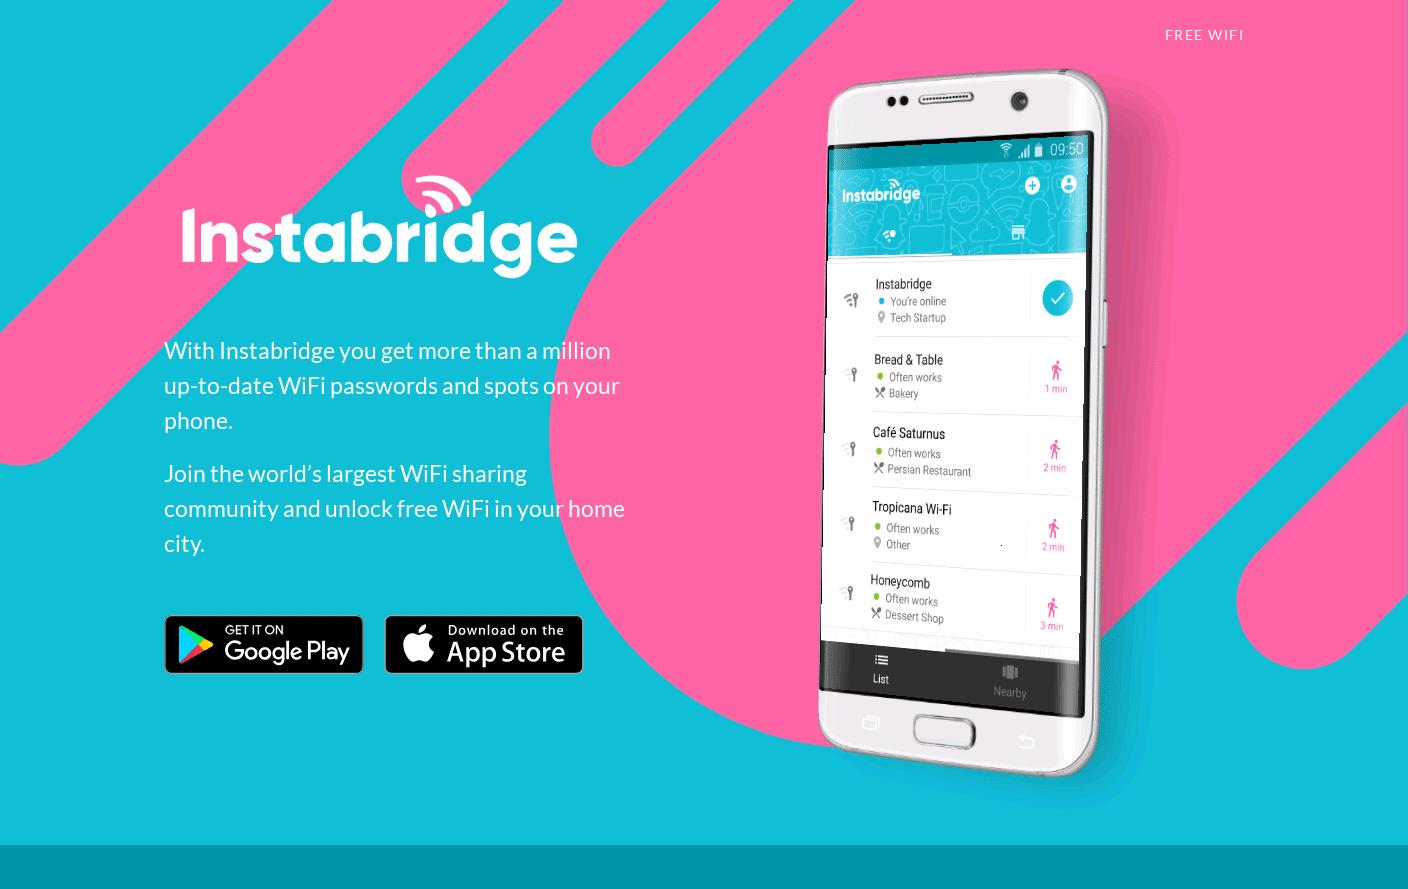 Instabridge App